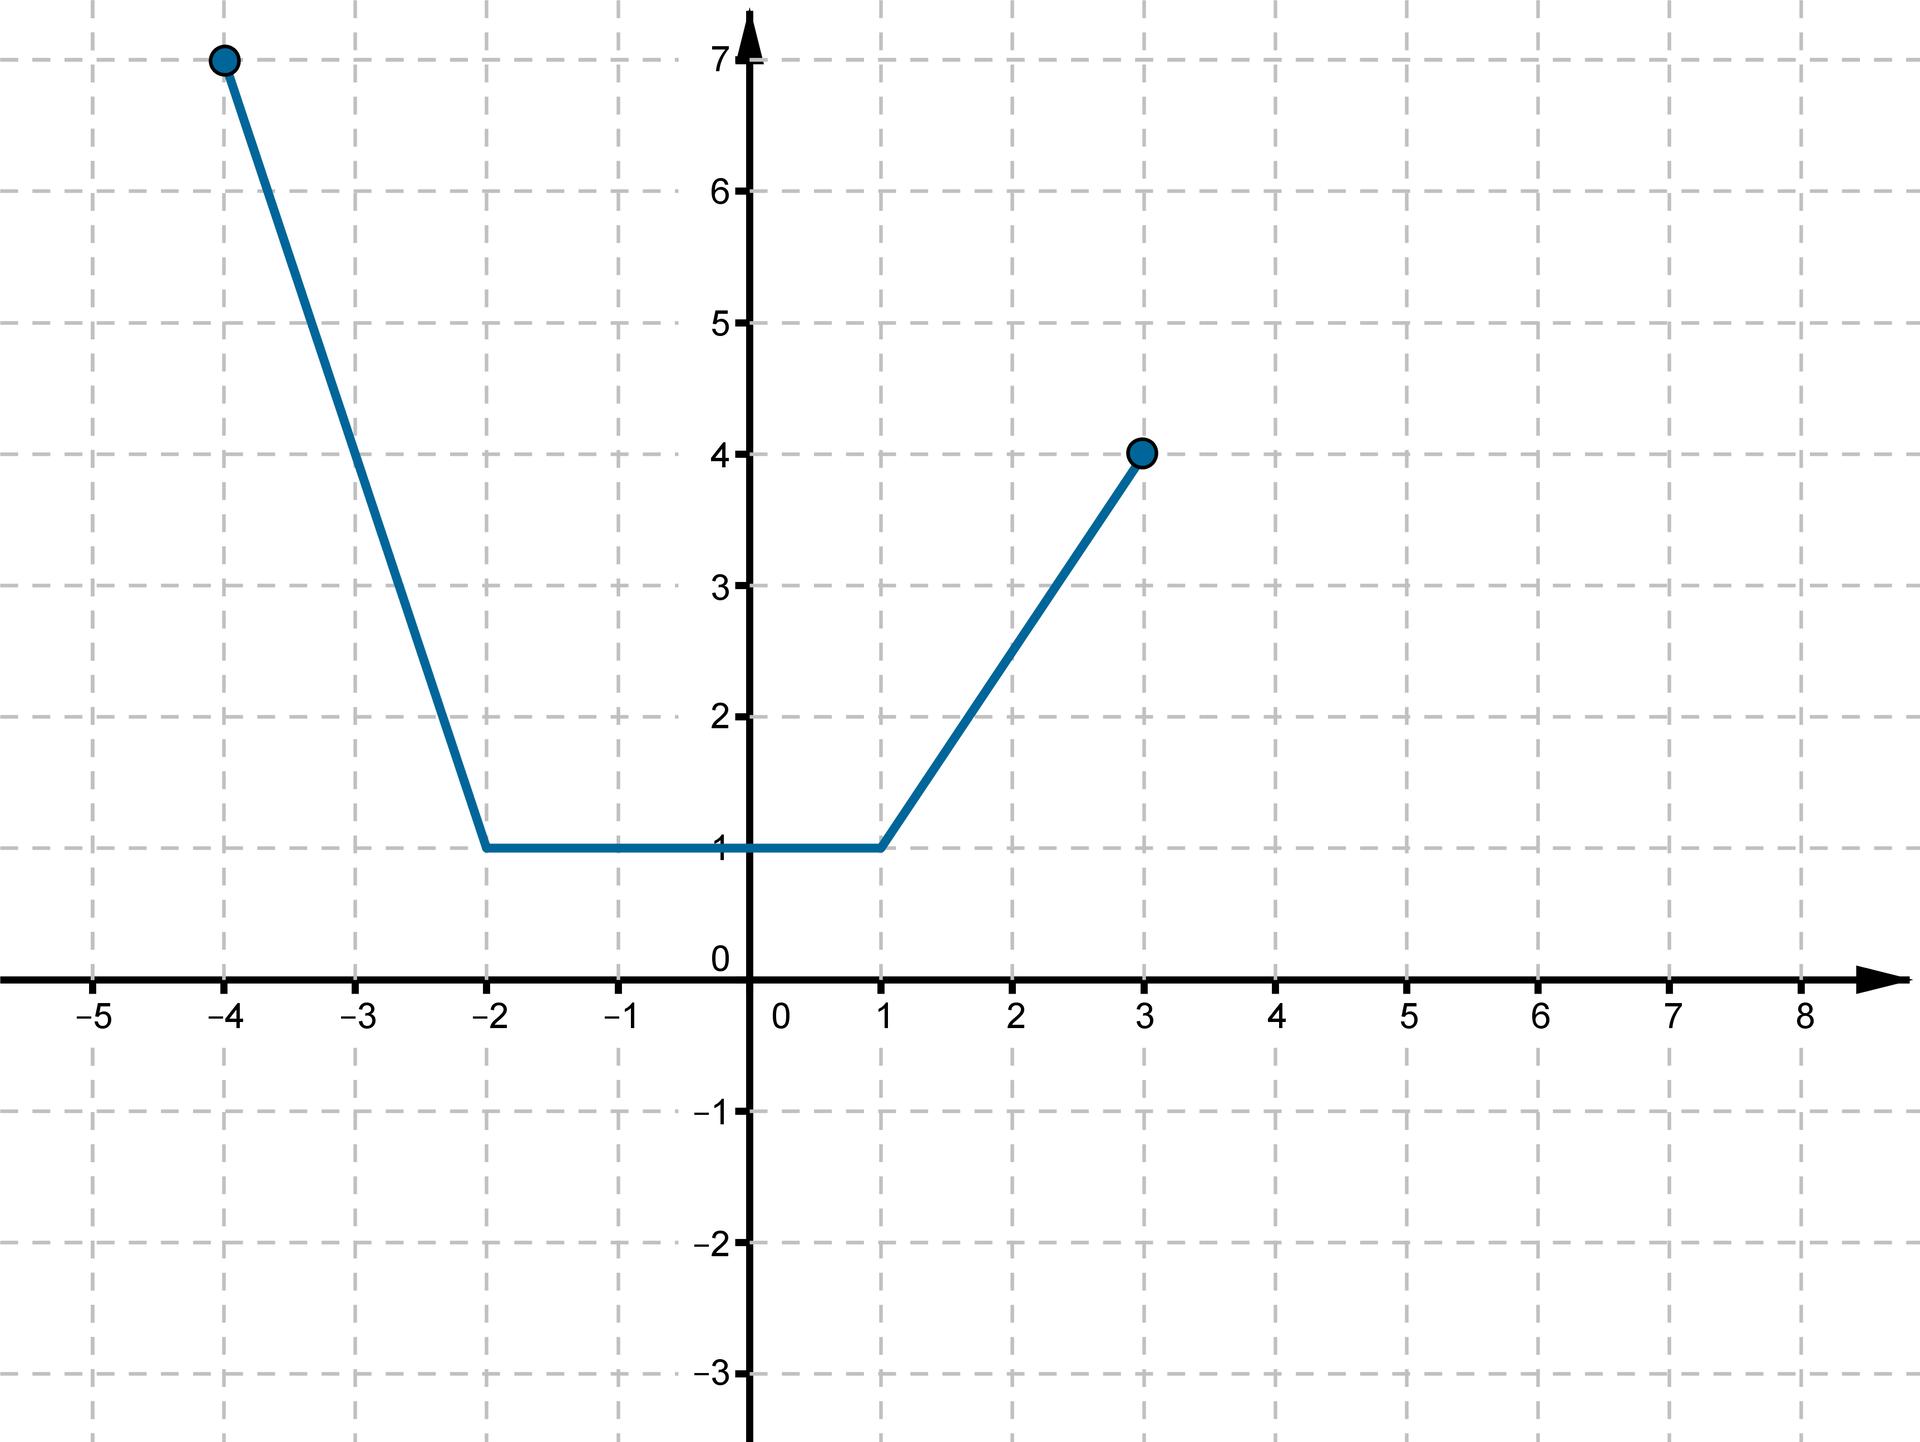 Wykres otrzymany wwyniku przesunięcia funkcji fo1 jednostkę wlewo wzdłuż osi OX io2 jednostki wgórę wzdłuż osi OY.